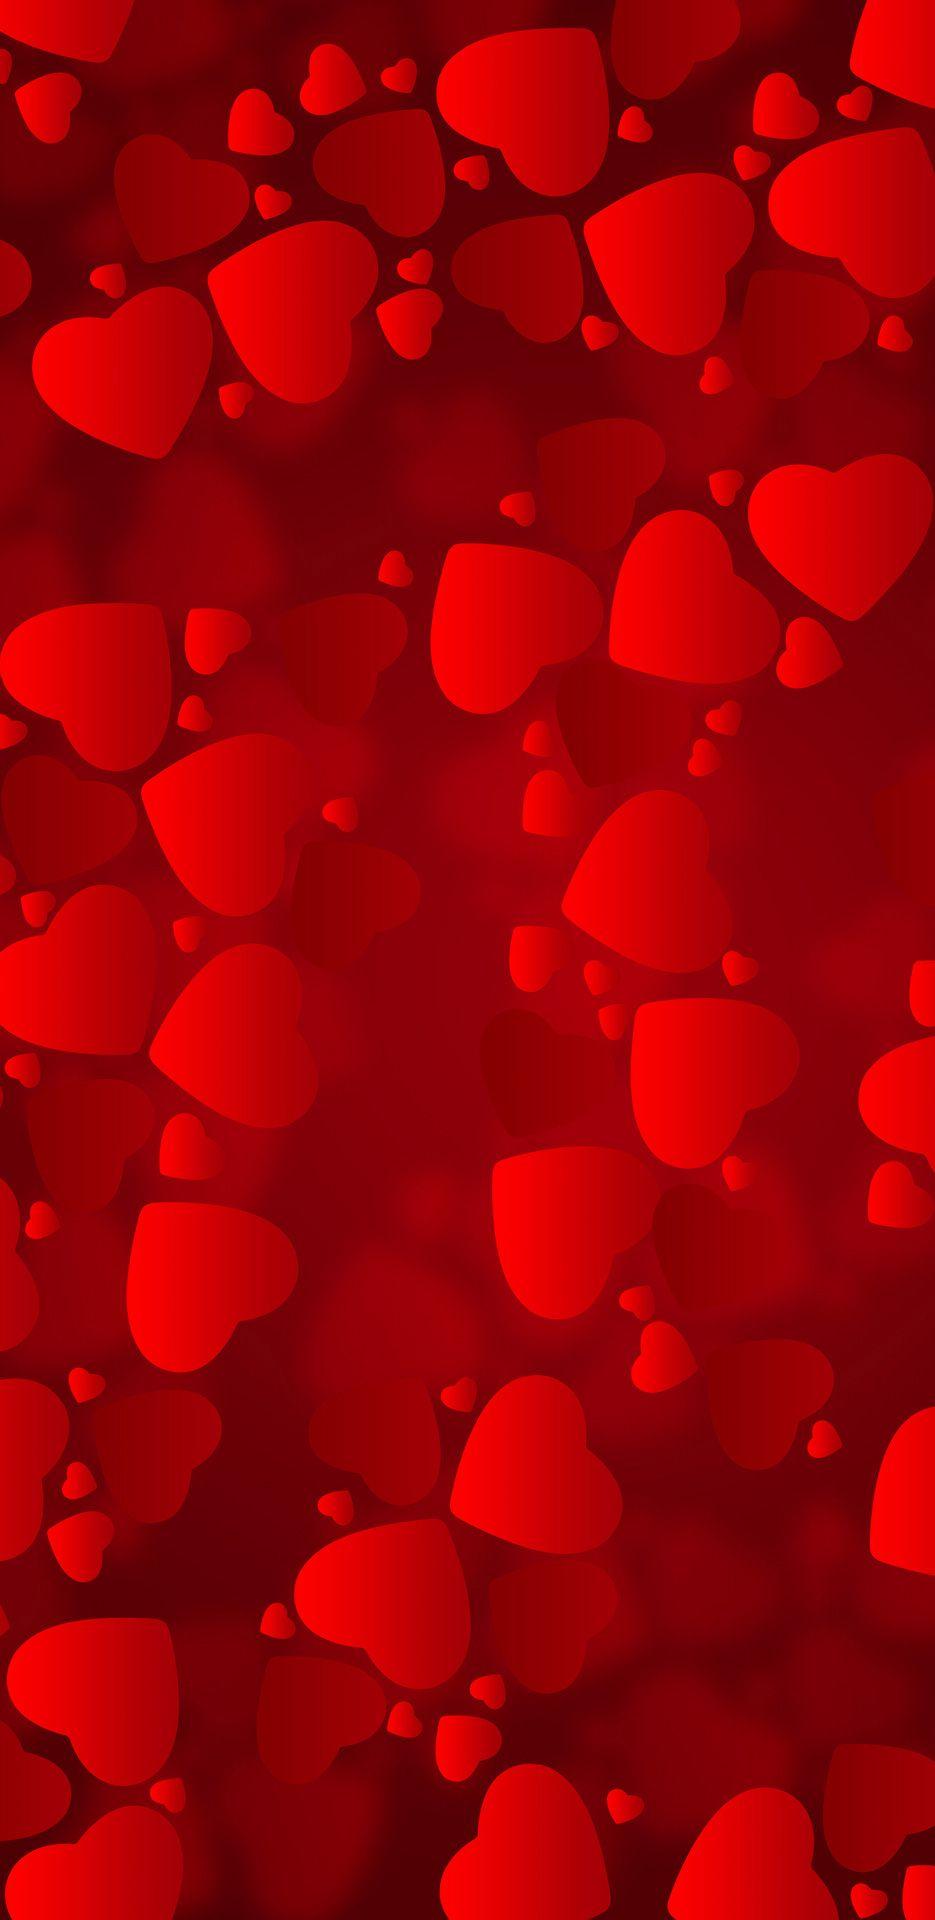 Pin By Nancy On Ravishing Red Valentines Wallpaper Iphone Valentines Wallpaper Iphone 5s Wallpaper